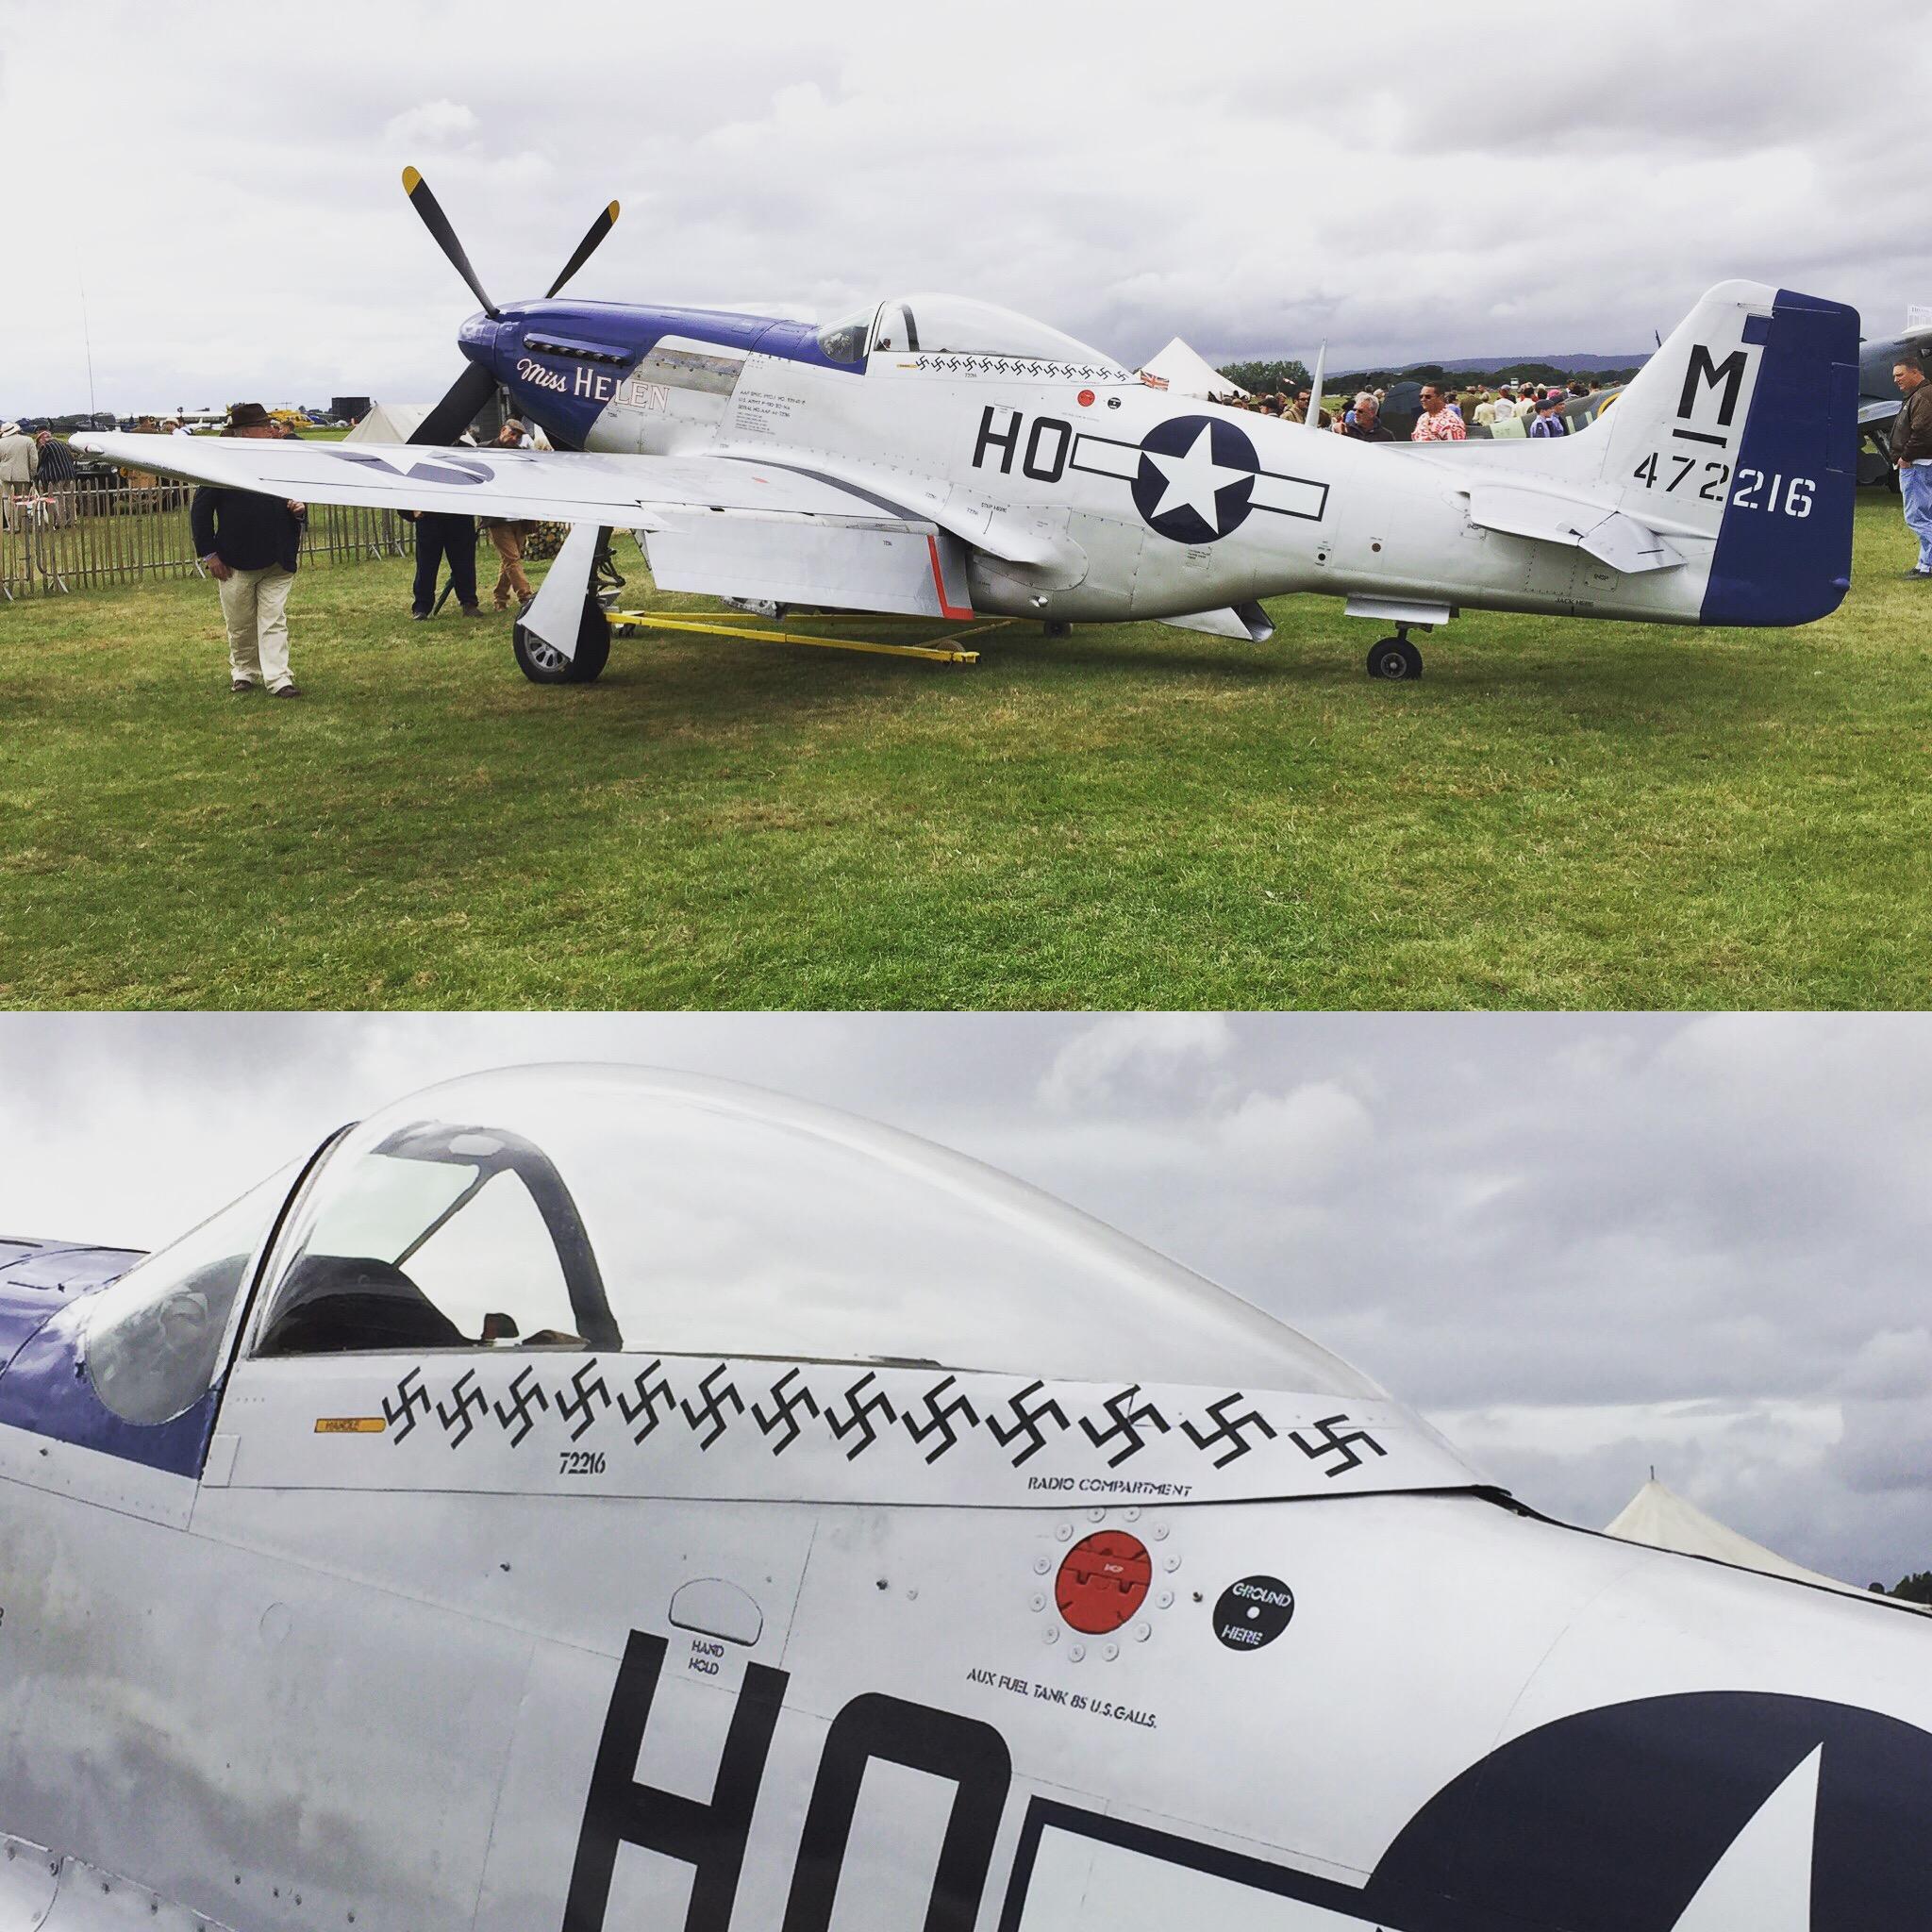 2016 Goodwood Revival World War 2 Plane